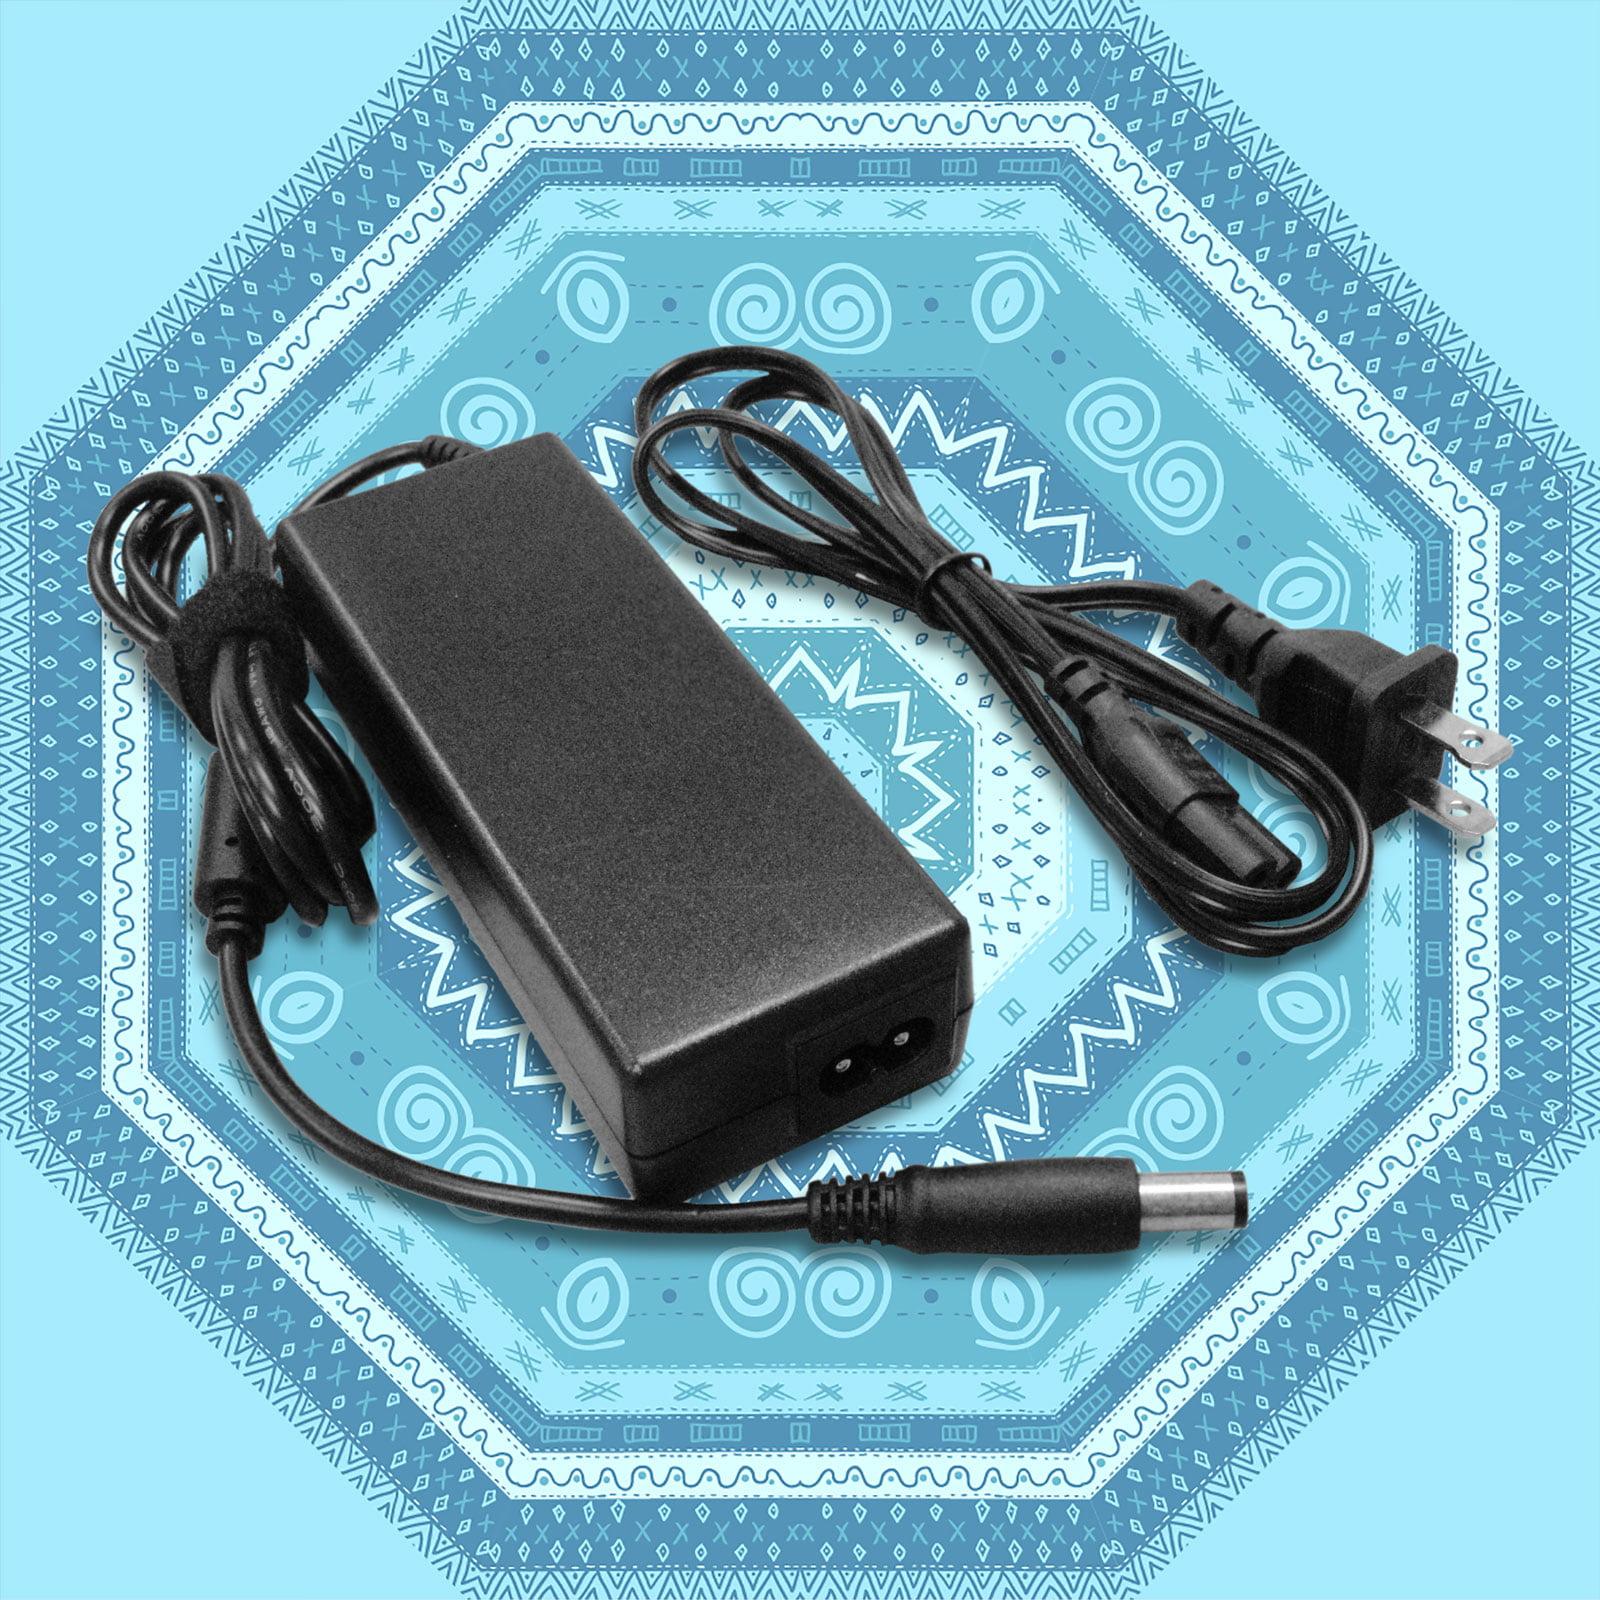 AC Adapter Power Cord for Dell Latitude D800 D830 E4300 E6410 E6510 E6500